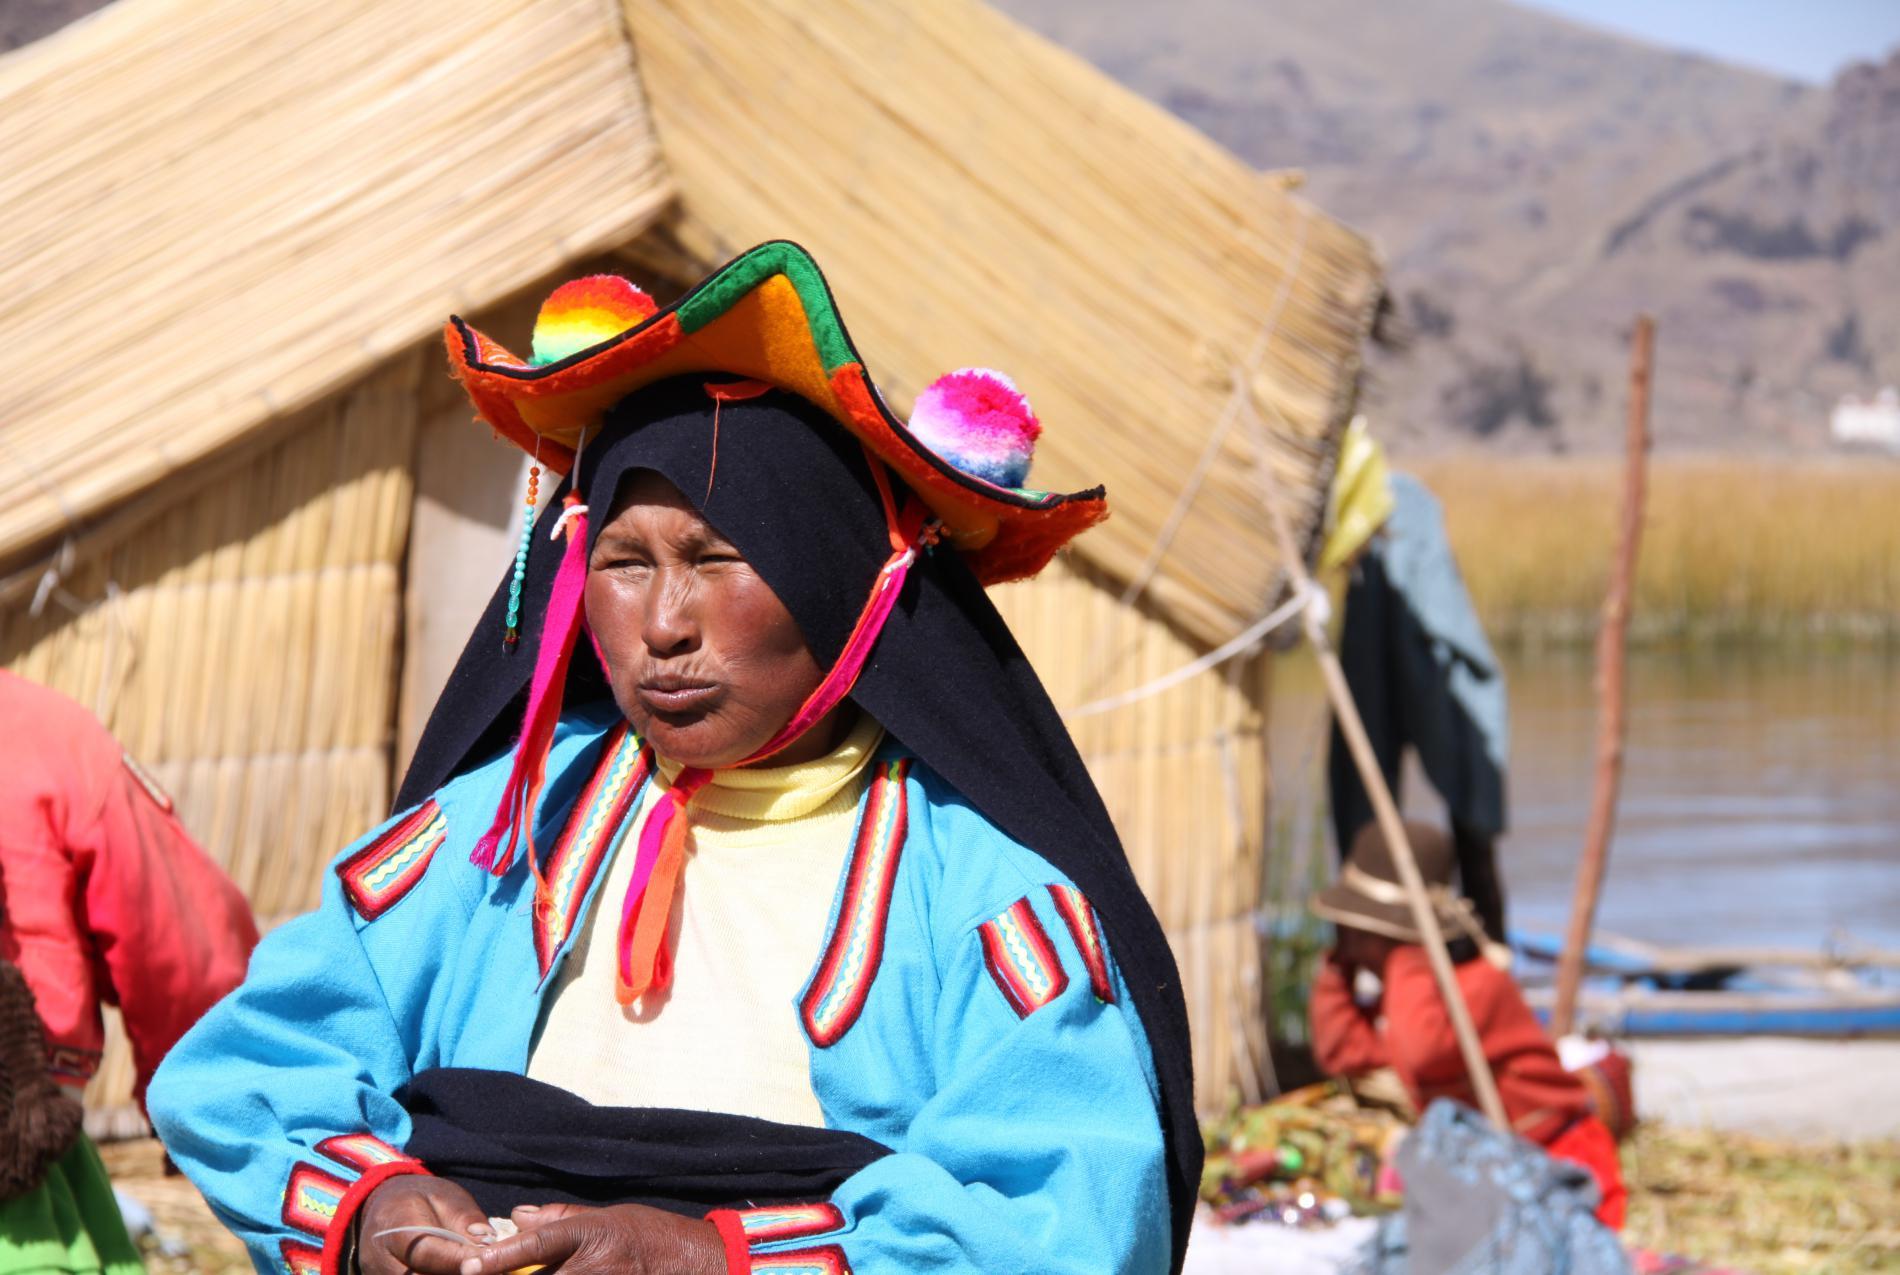 Voyage solidaire Pérou-Bolivie : Vision du Monde - Photo 5